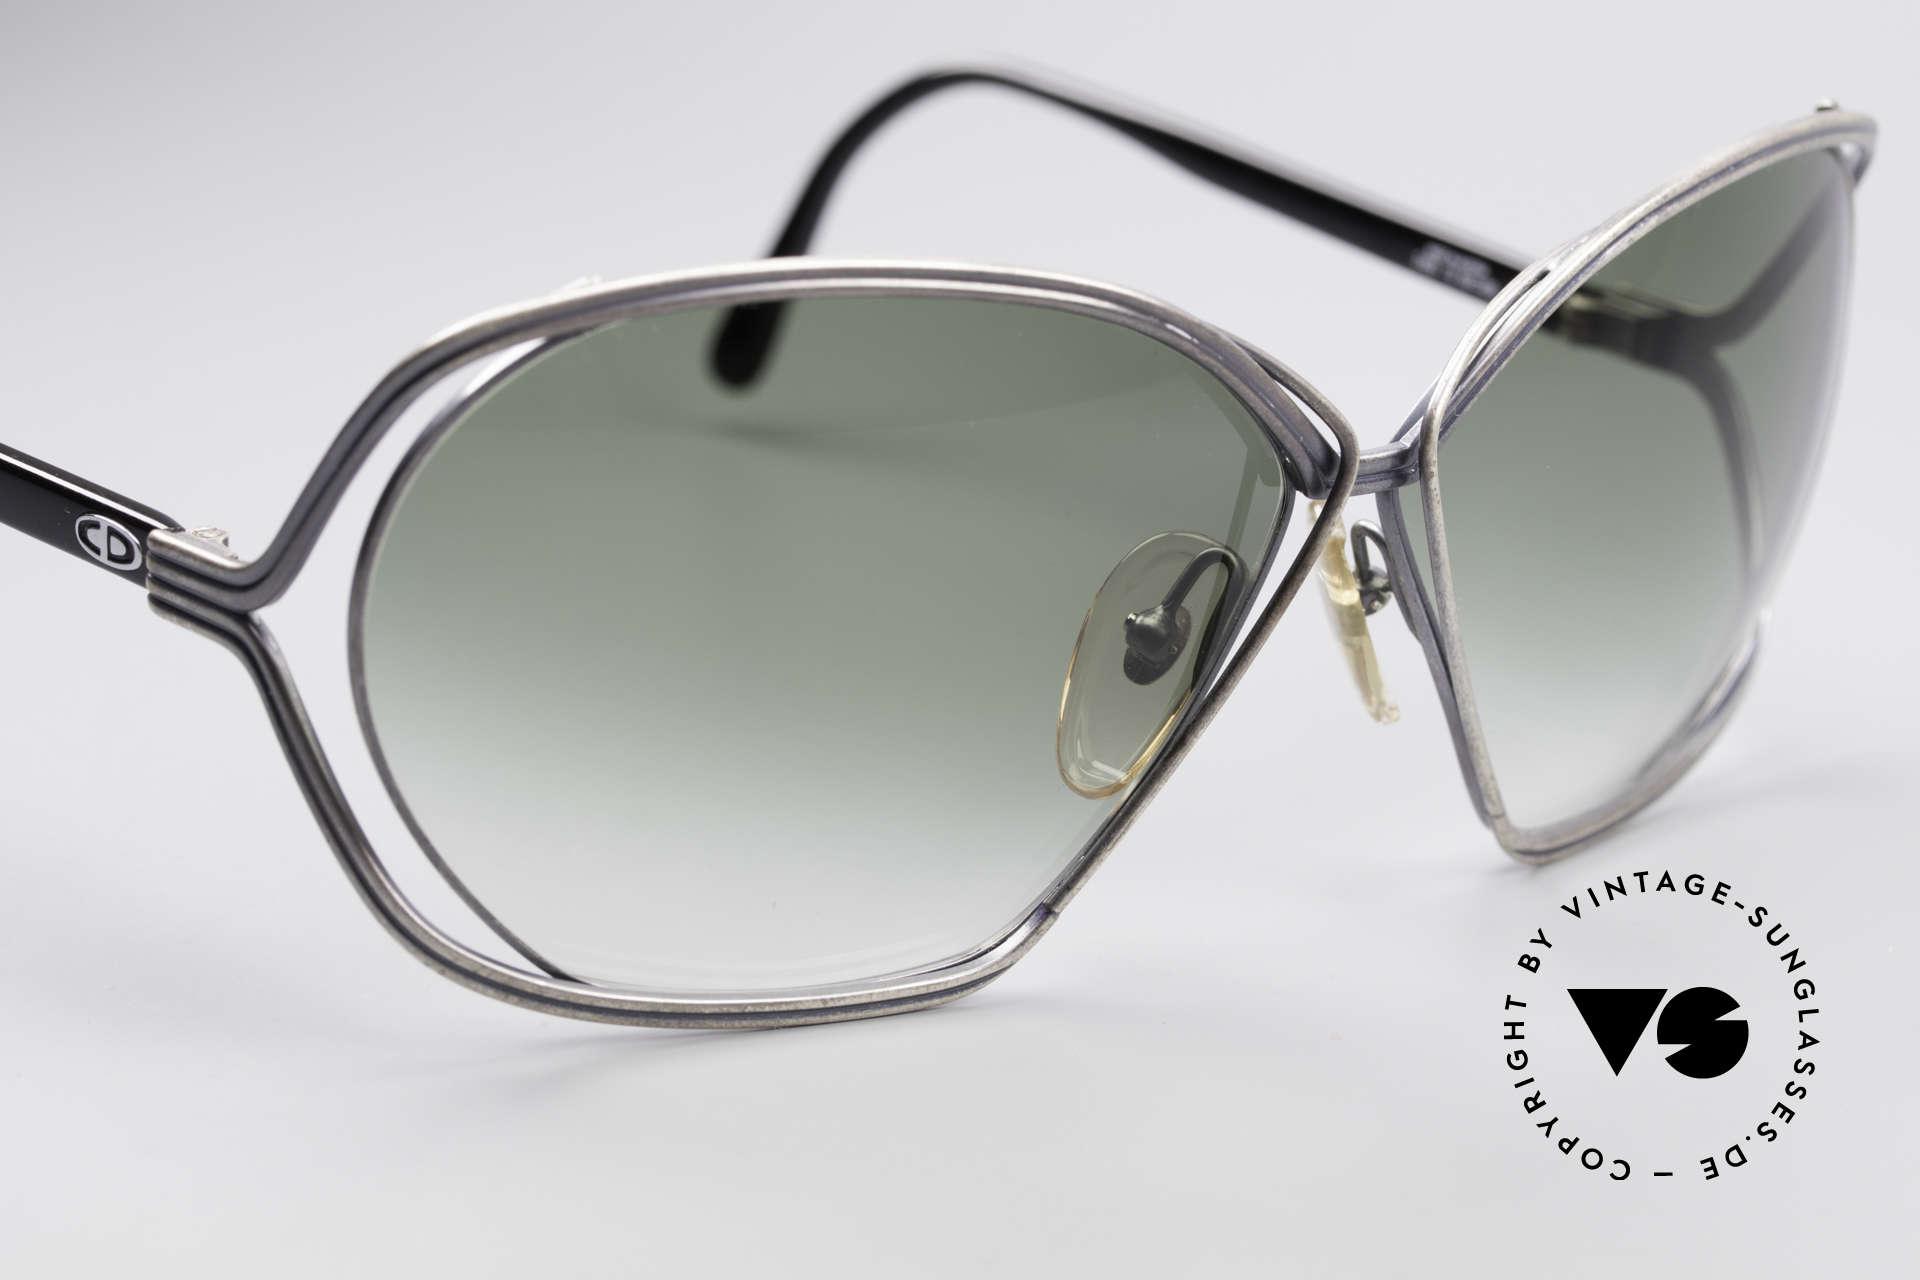 21e80163033 Sonnenbrillen Christian Dior 2499 Damen 80er XL Sonnenbrille ...